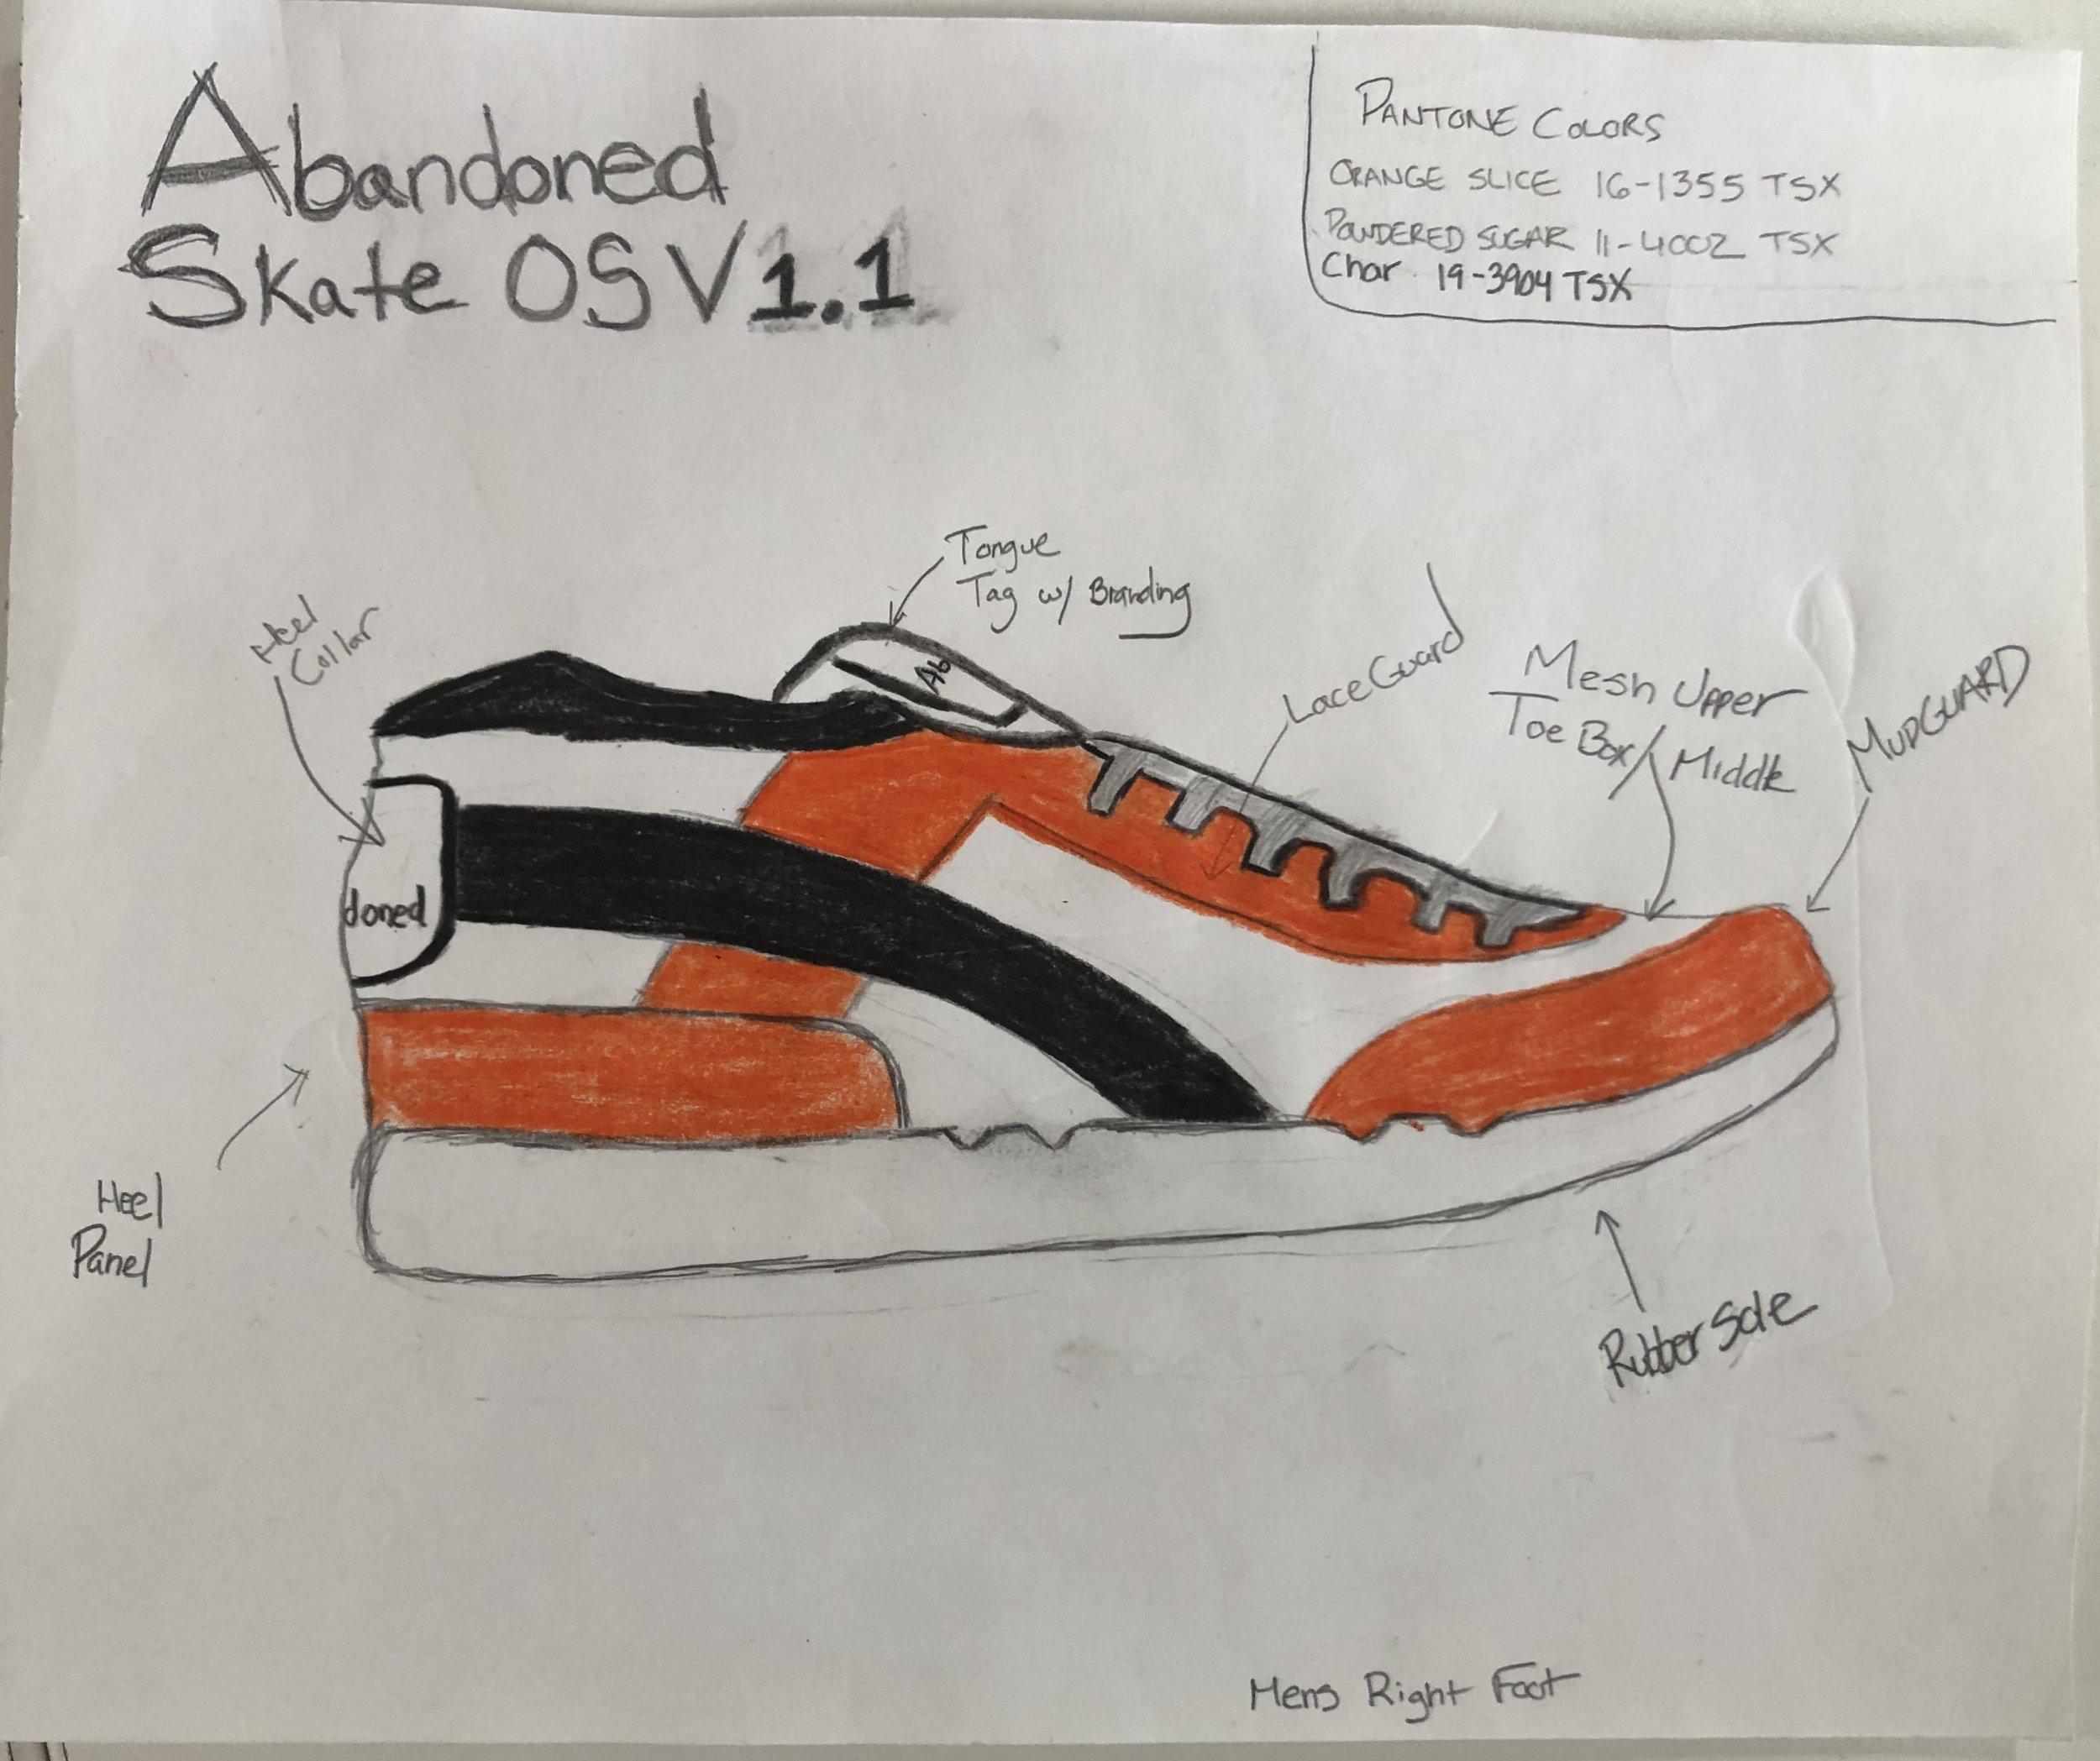 Abandoned Skate OS V. 1.1